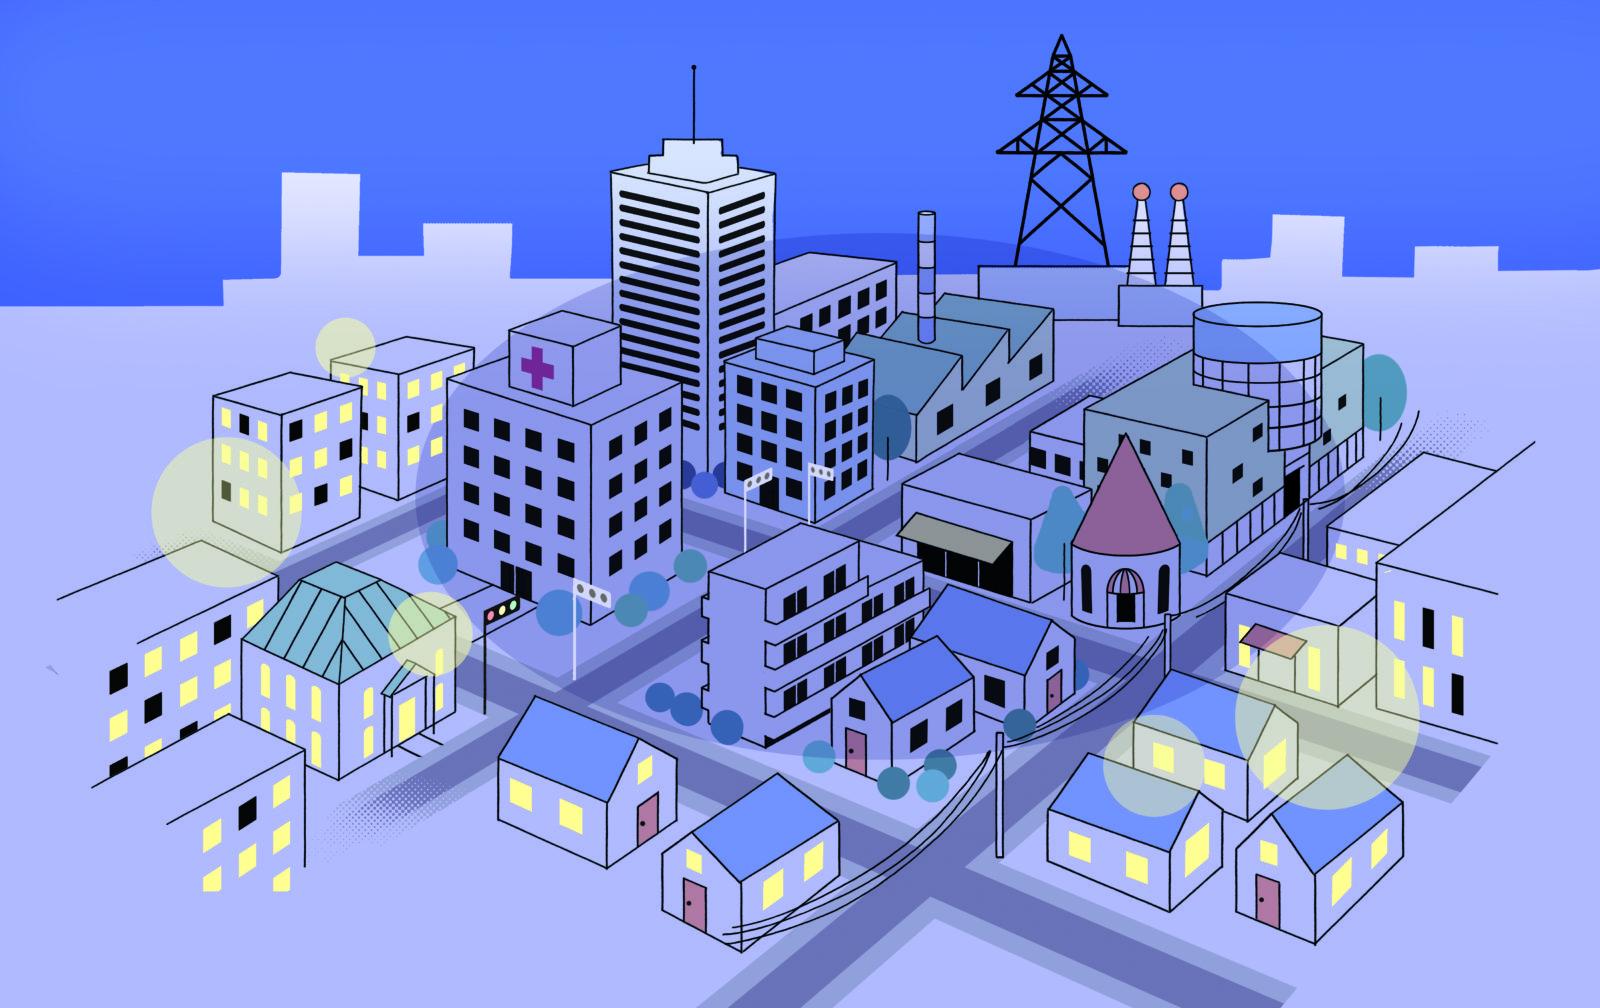 夜の街並みイラスト